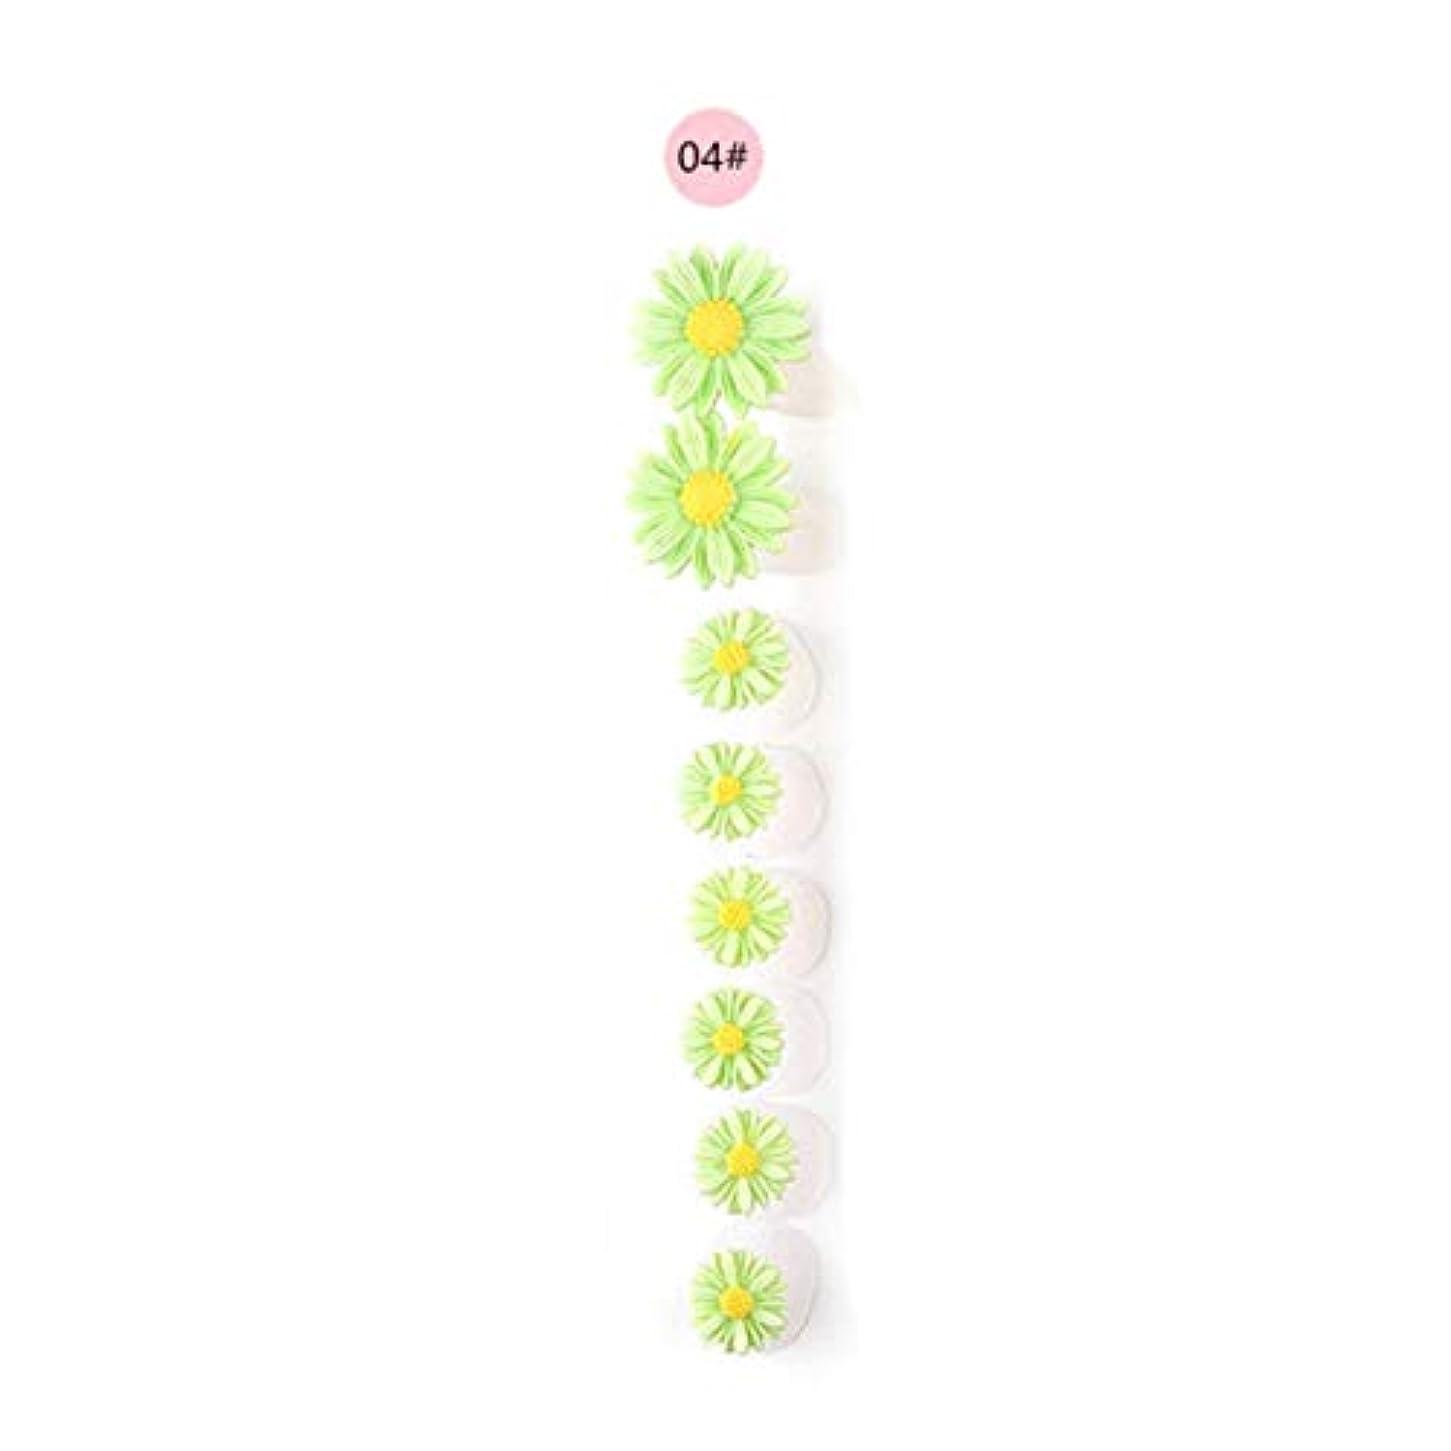 頭接地聖書8ピース/セットシリコンつま先セパレーター足つま先スペーサー花形ペディキュアDIYネイルアートツール-カラフル04#